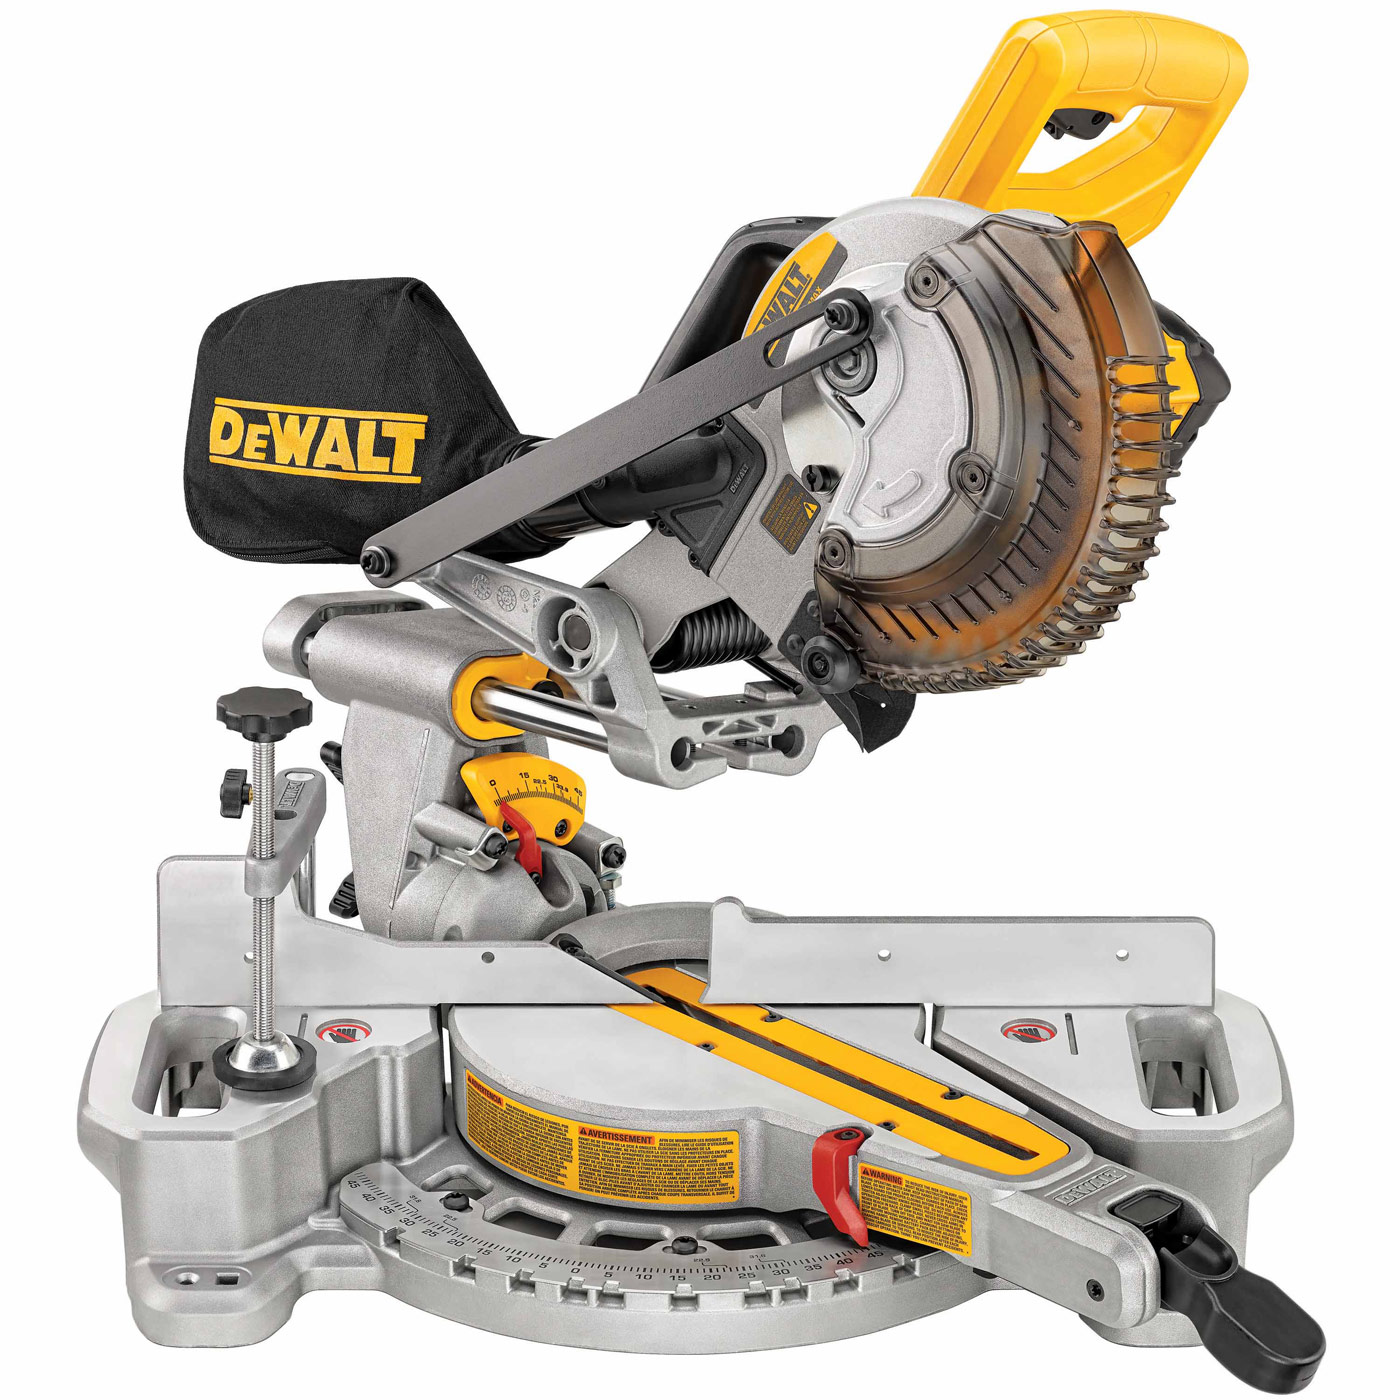 DeWalt DCS361M1 20V MAX Cordless Miter Saw Kit